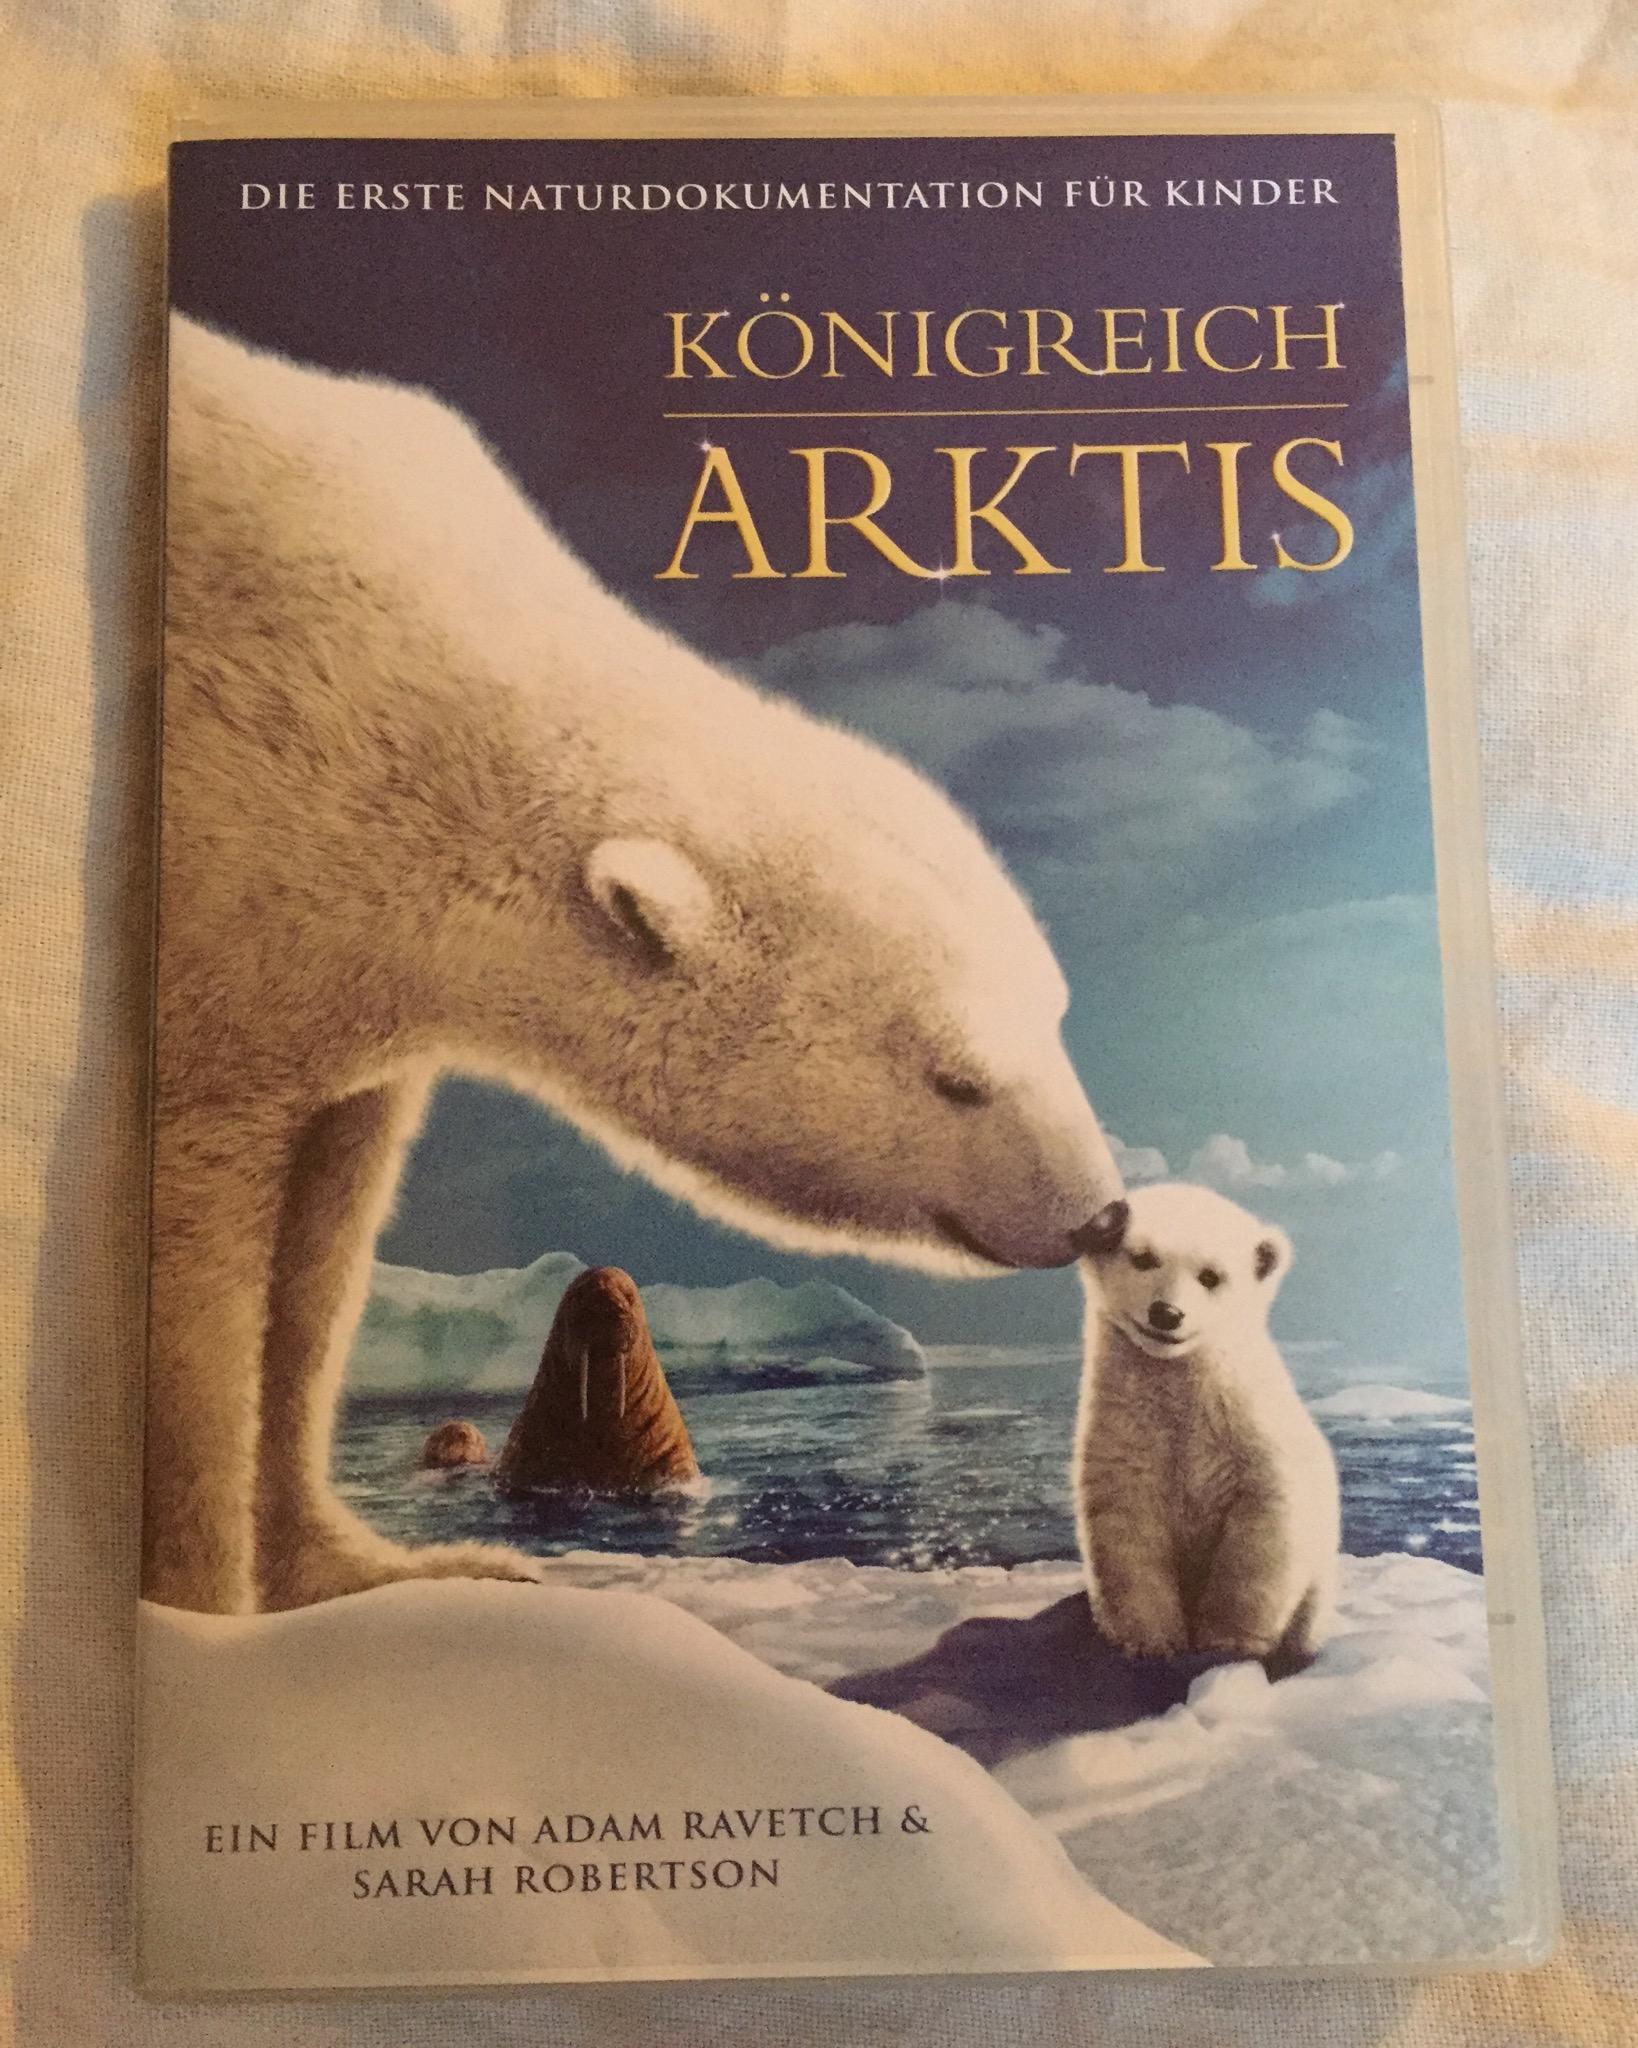 DVD Arktis tauschen